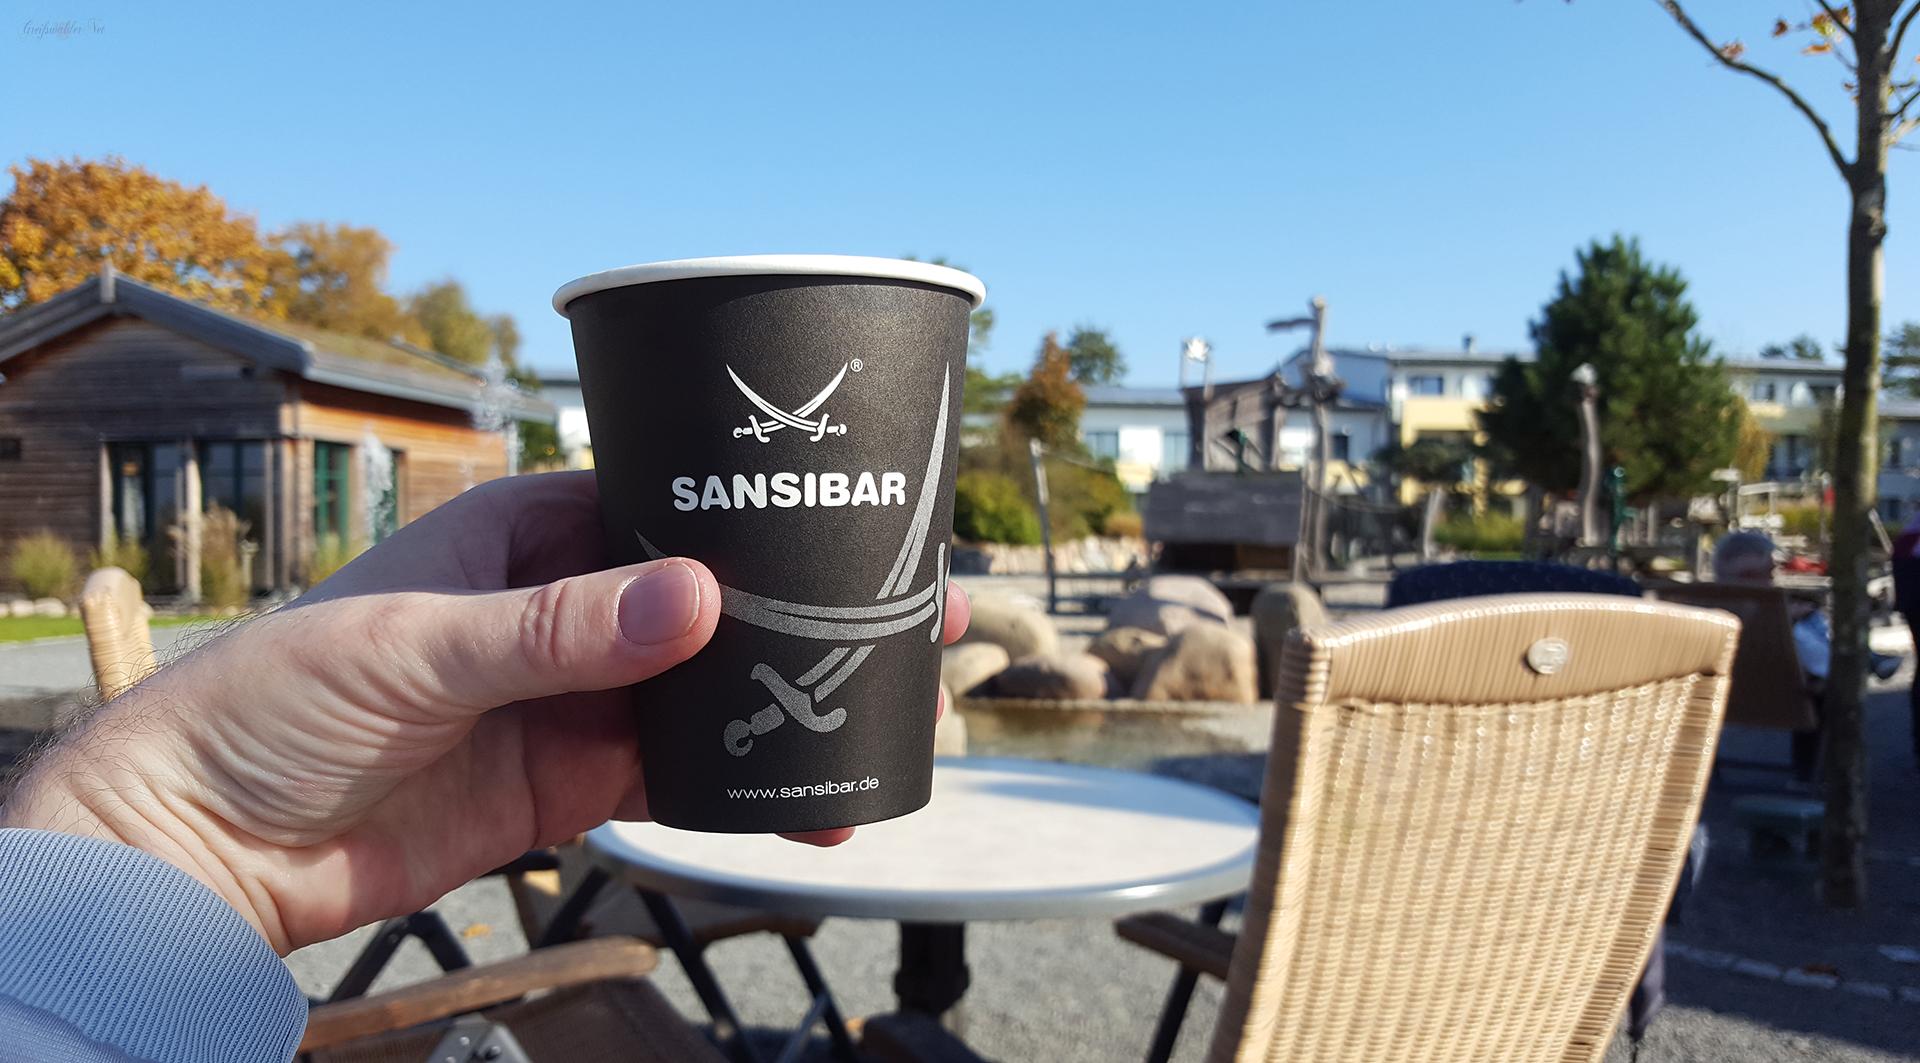 Kaffeepause - Piraten-Insel-Usedom in Trassenheide